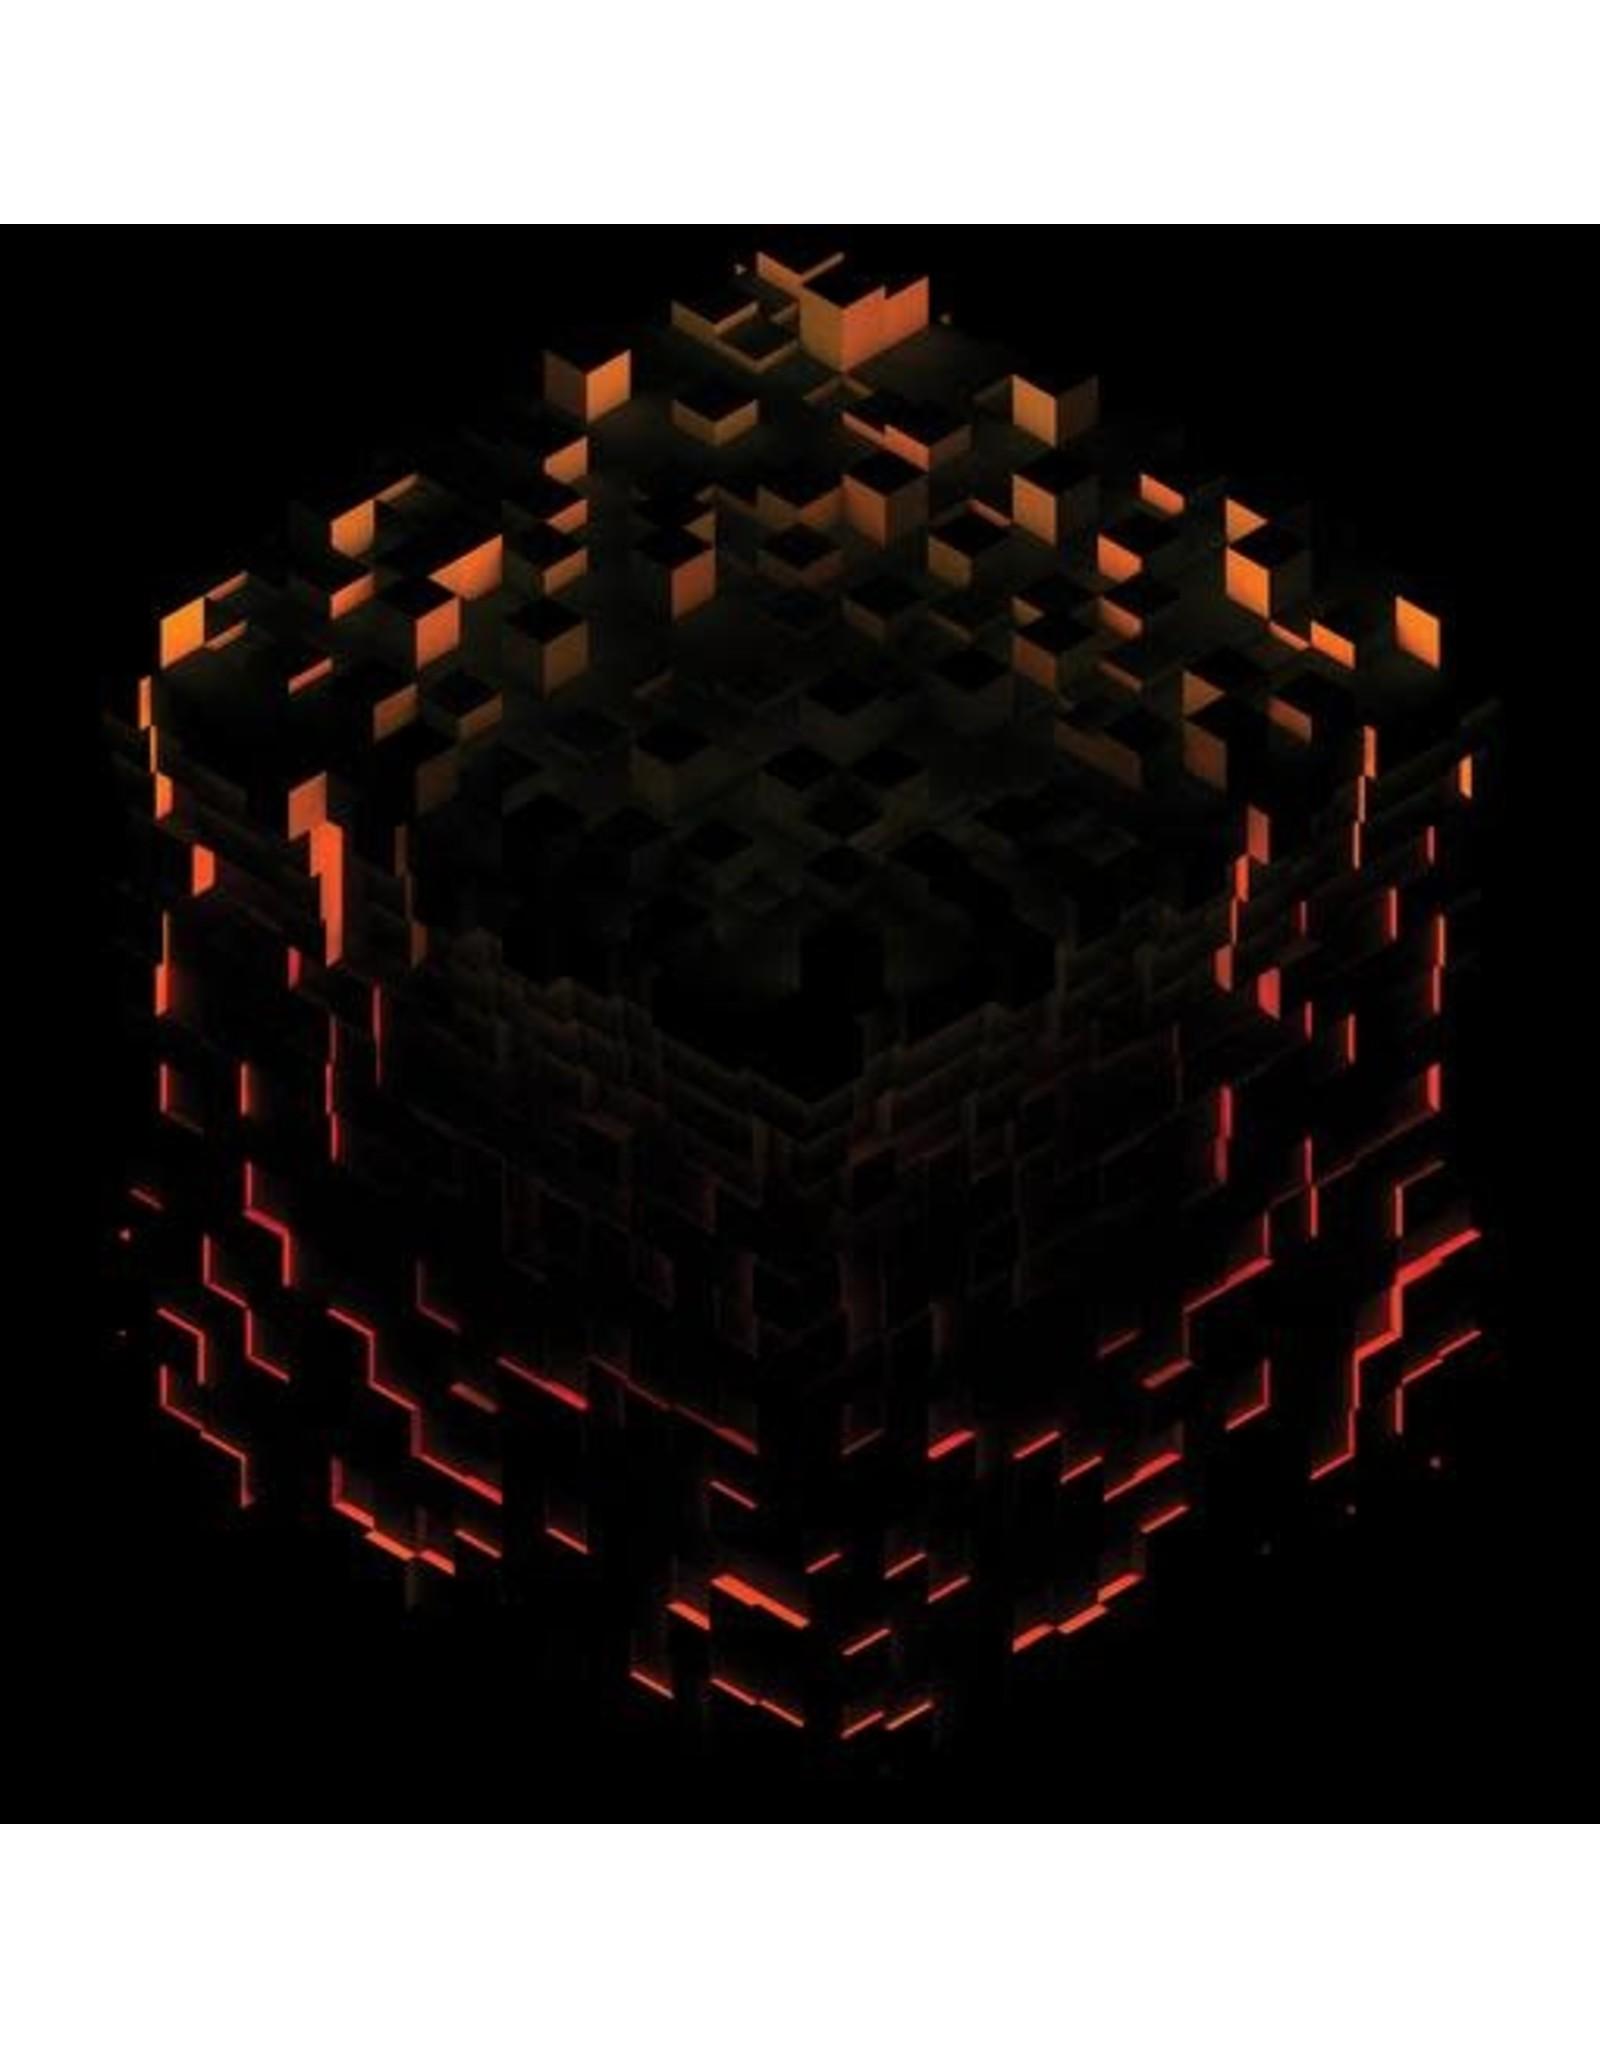 C418 - Minecraft Volume Beta 2LP